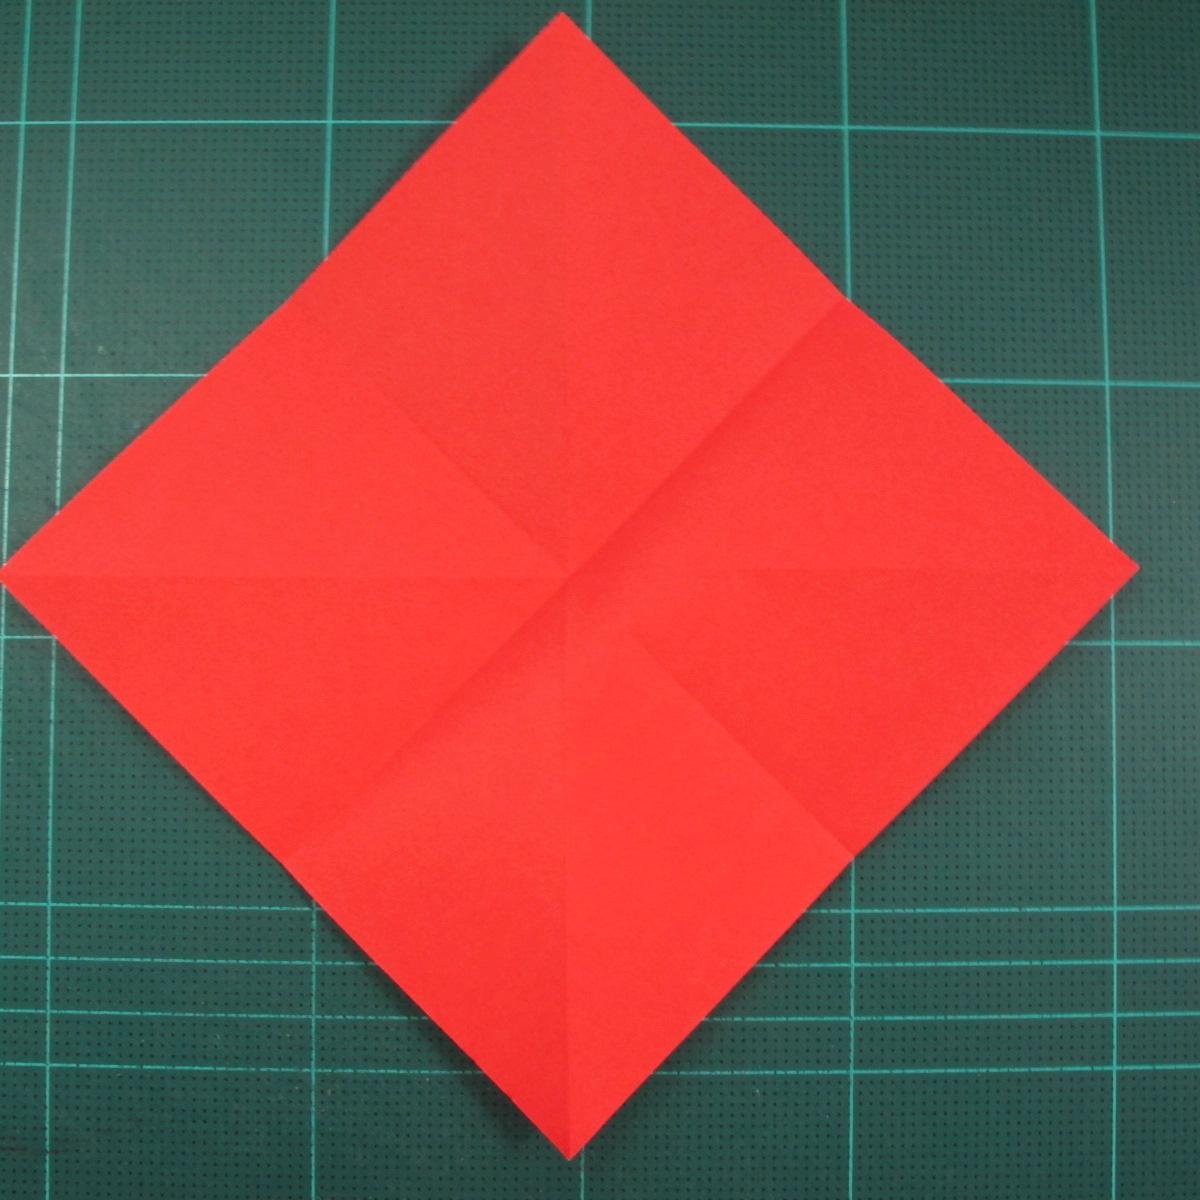 วิธีพับกระดาษเป็นรูปแมลงปอ (Origami Dragonfly) 004